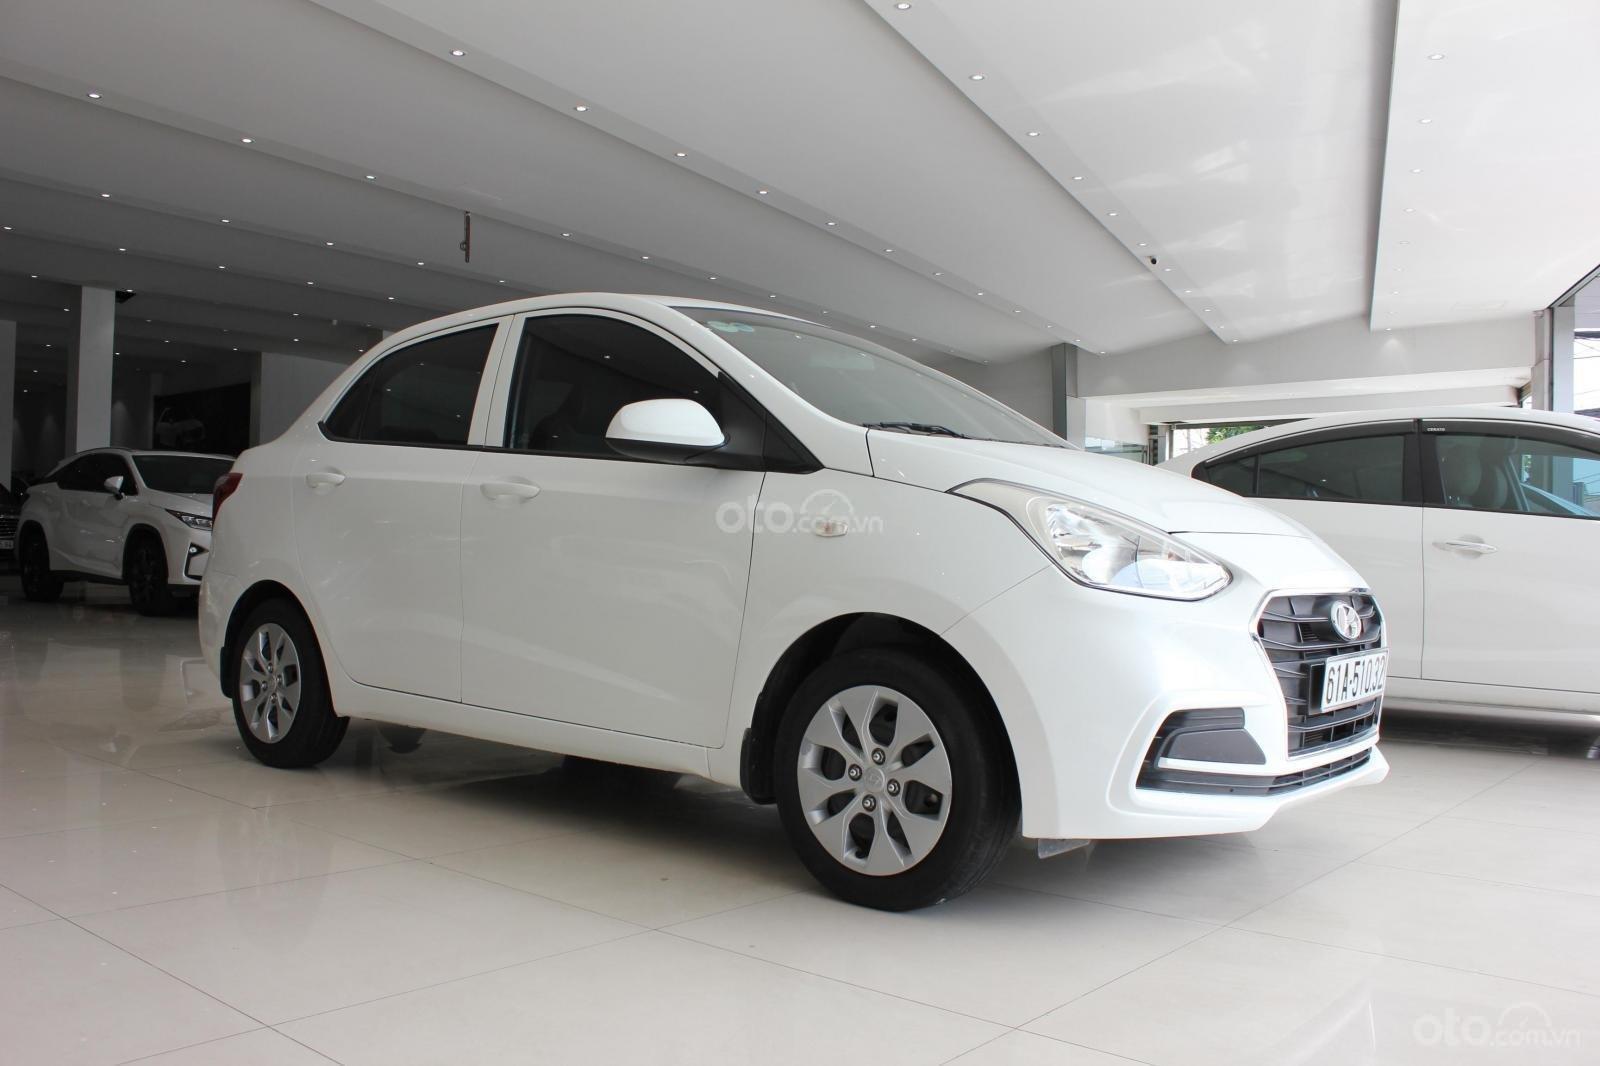 Bán xe Hyundai Grand i10 đời 2018, màu trắng, 335 triệu (3)